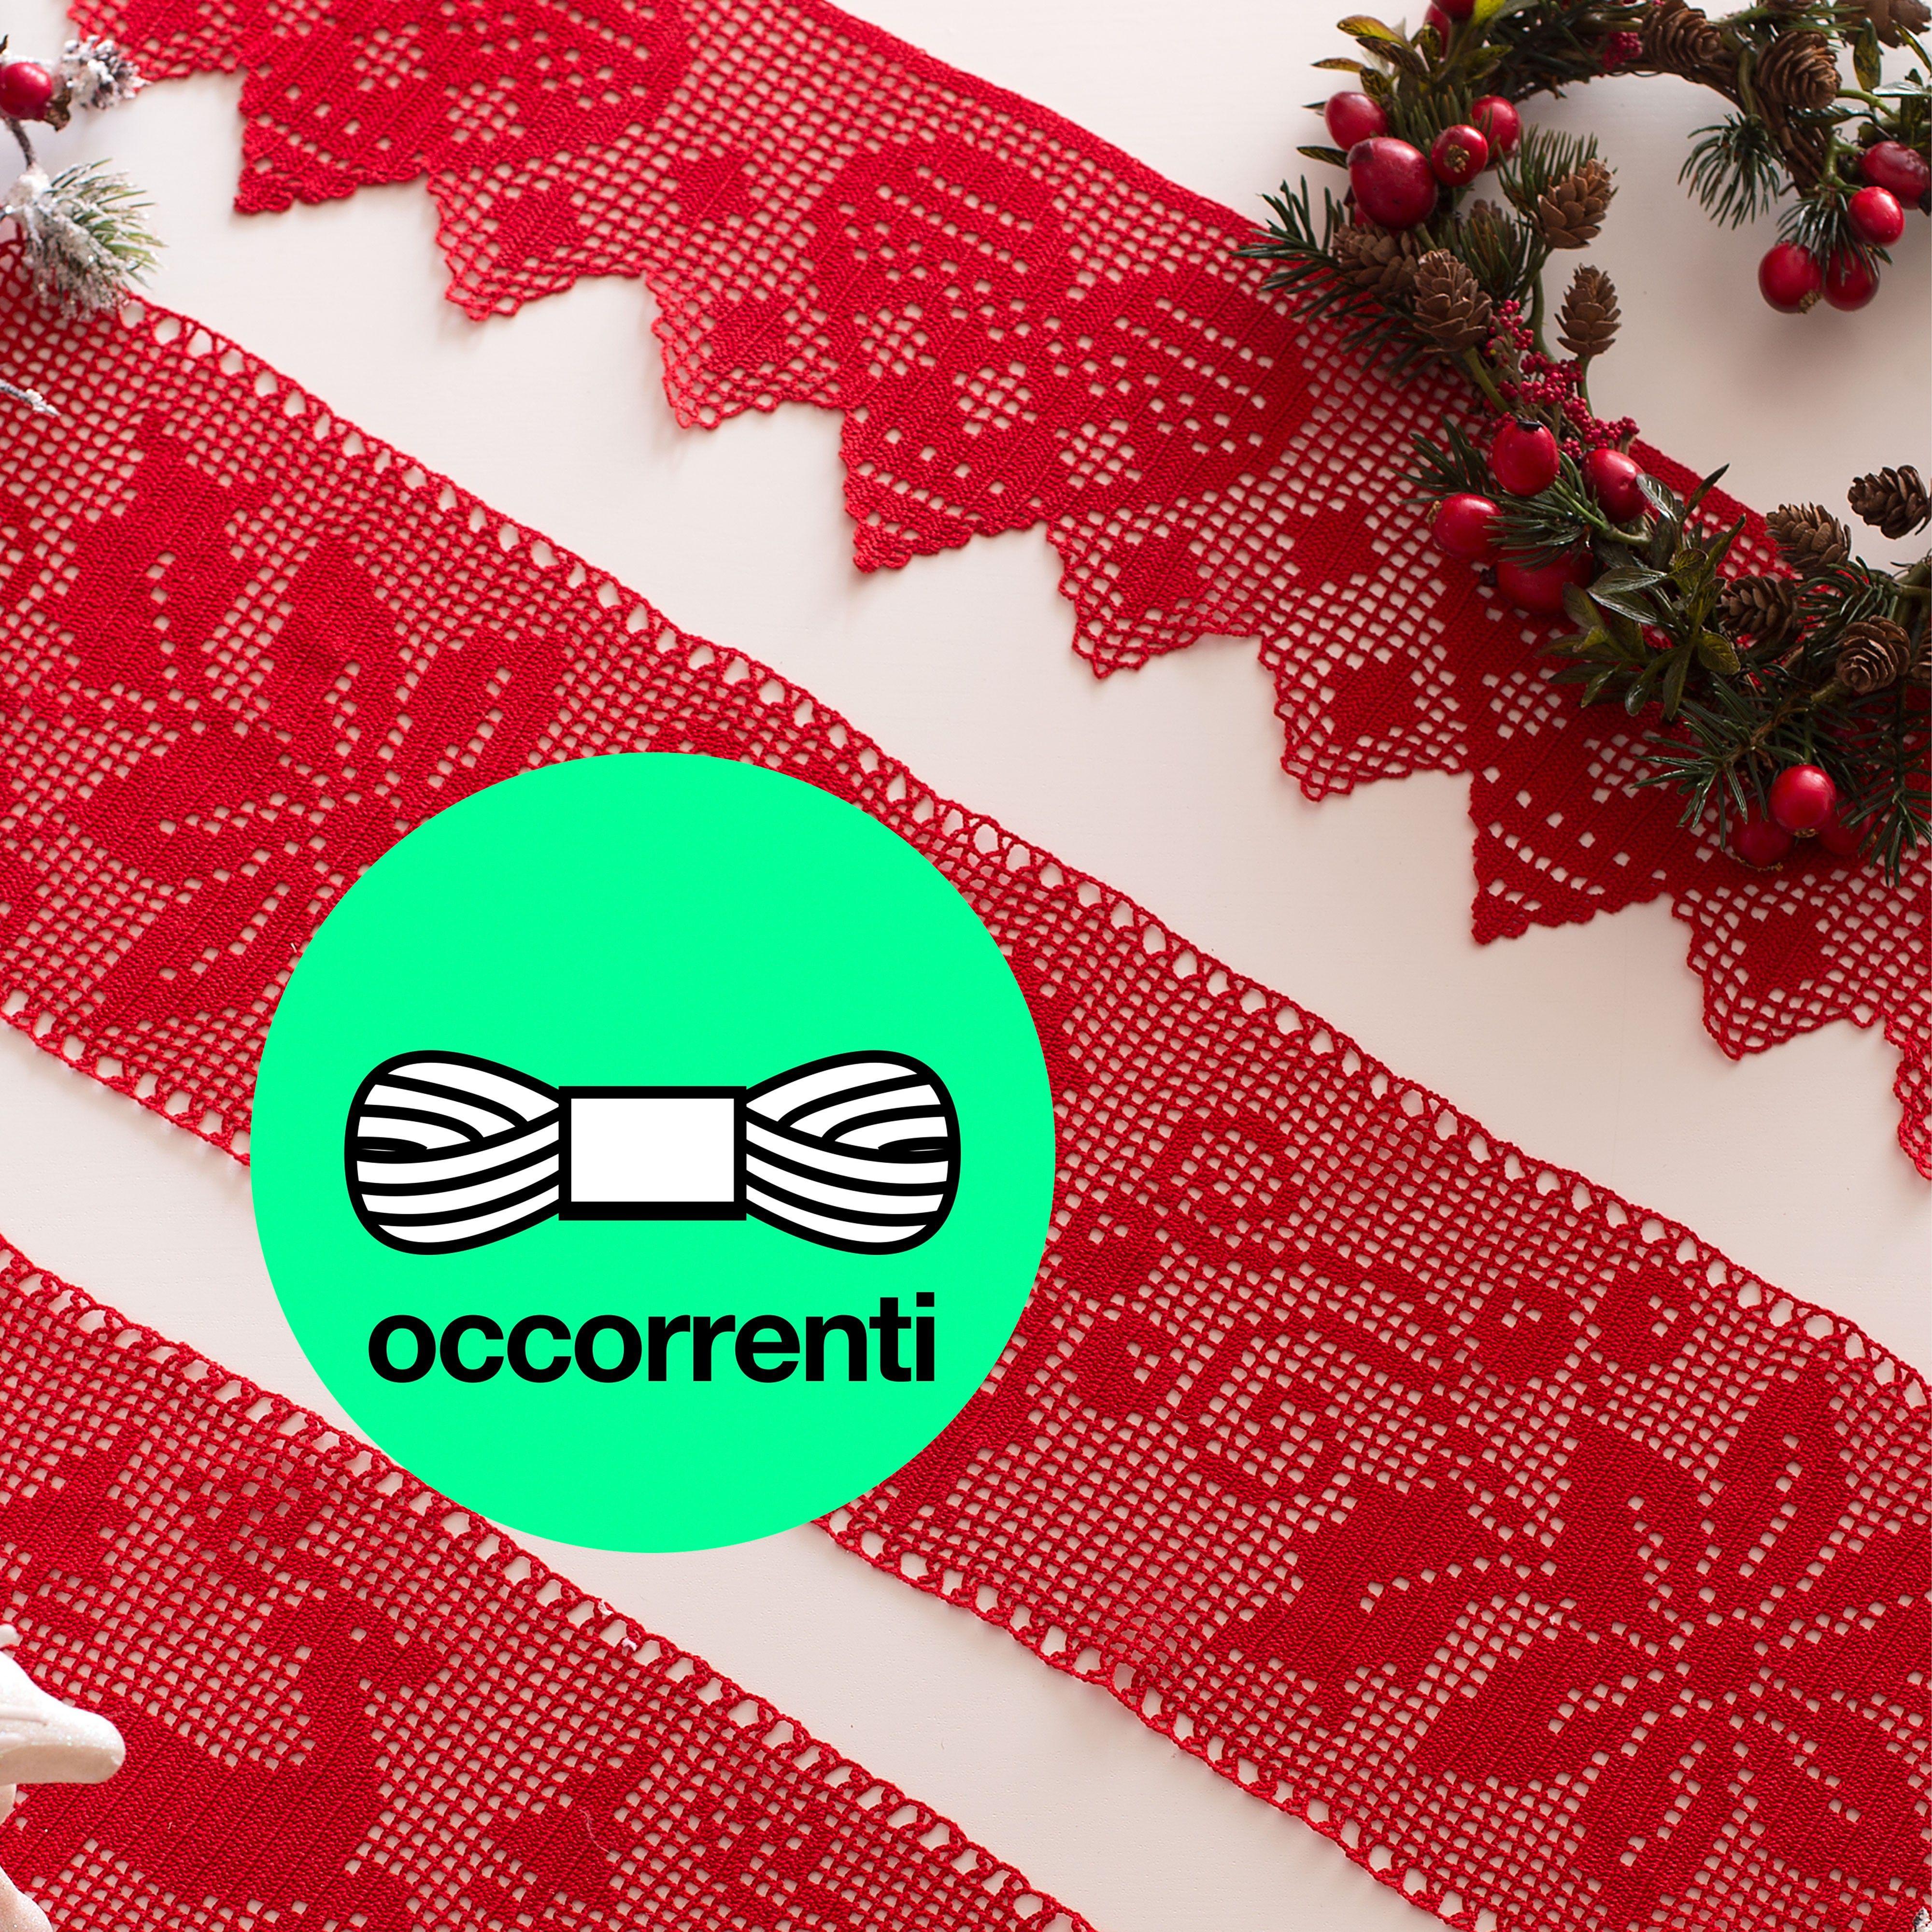 Occorrente, 1 gomitolo di cotone cordonetto rosso numero 16, per realizzare la bordura con cuori ad uncinetto filet. Schema in regalo sul Mani di Fata di Dicembre 2014